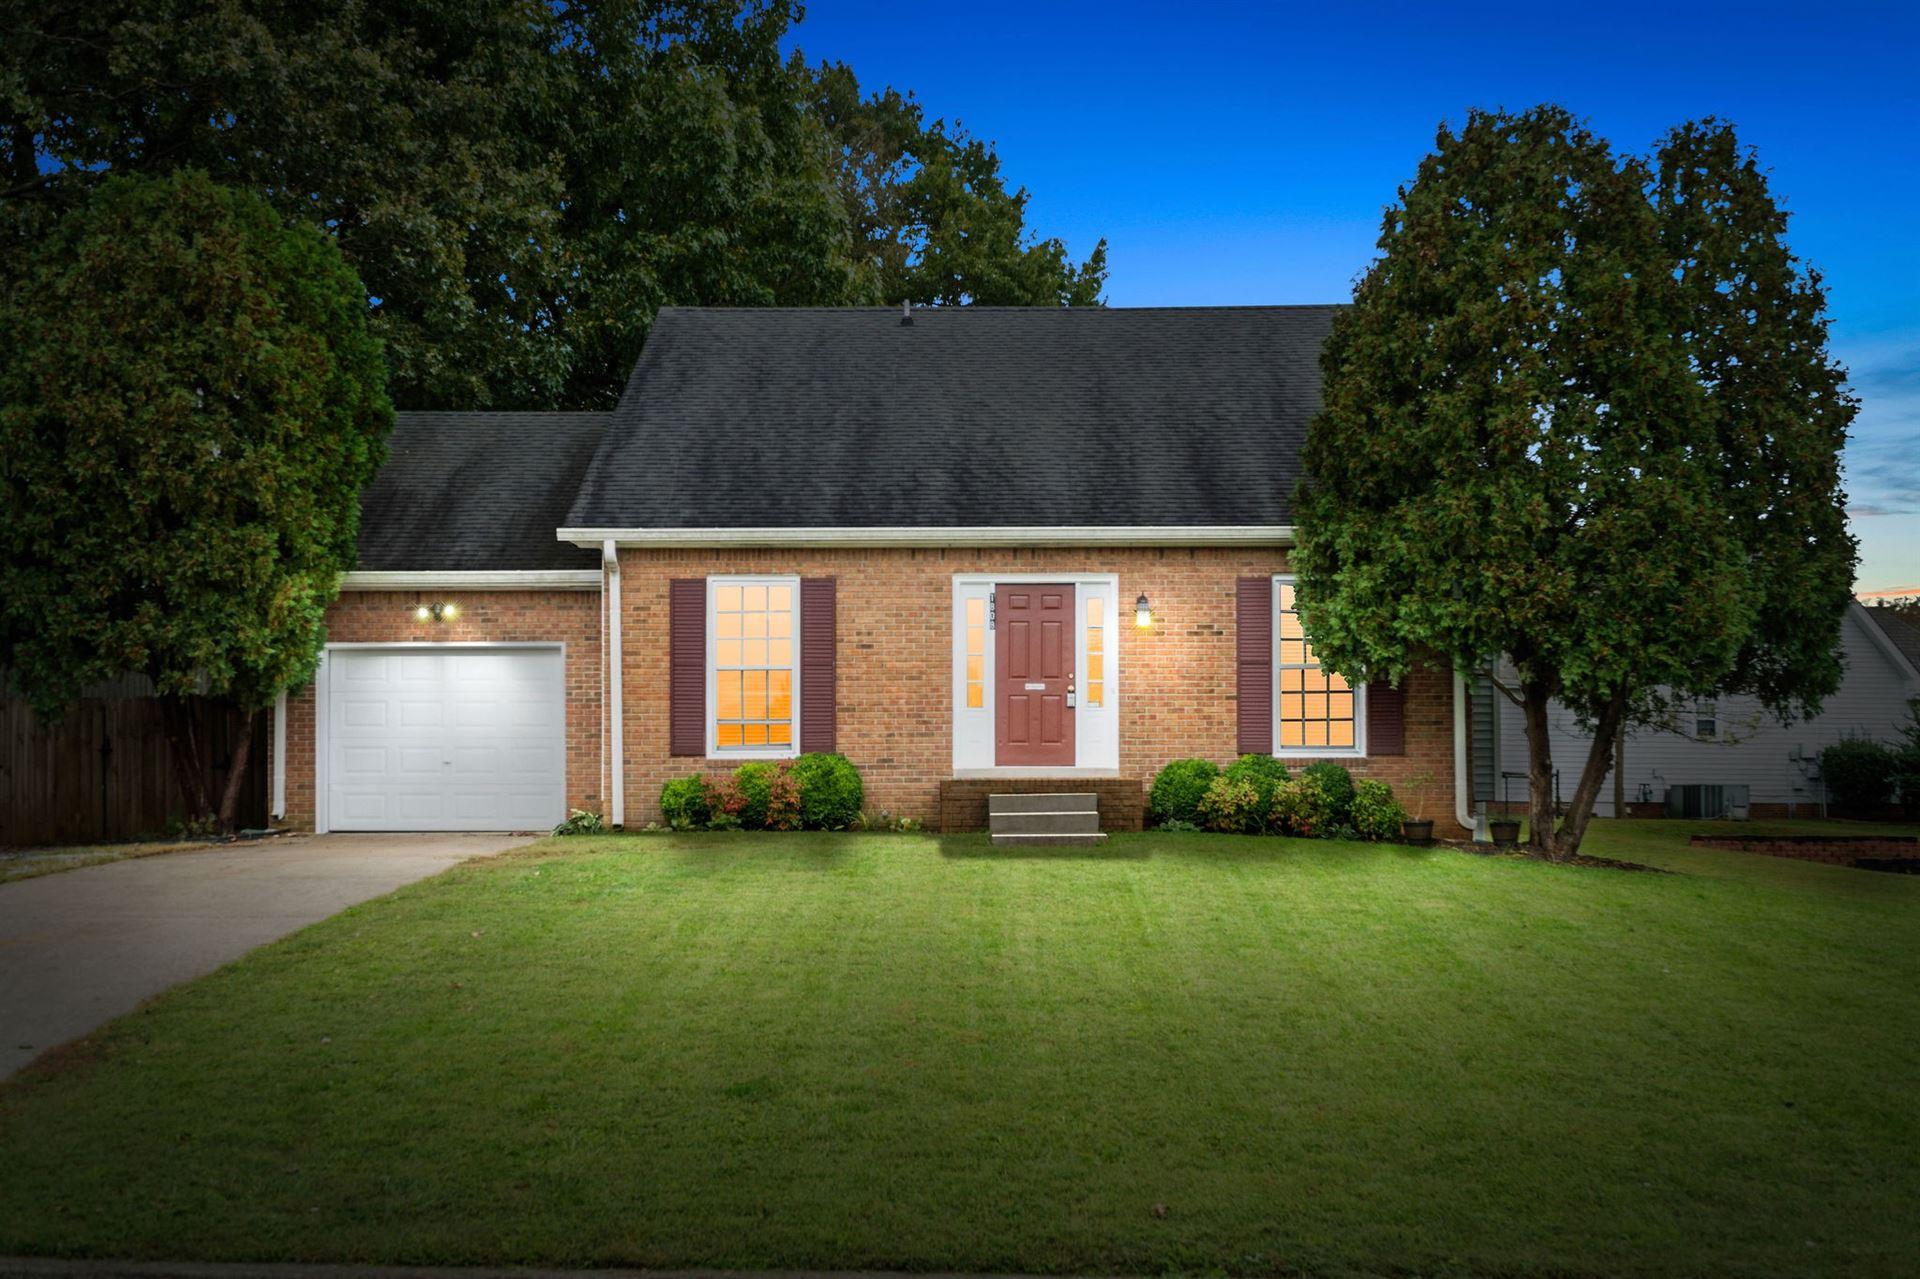 Photo of 1808 Bourne Cir, Clarksville, TN 37043 (MLS # 2302932)